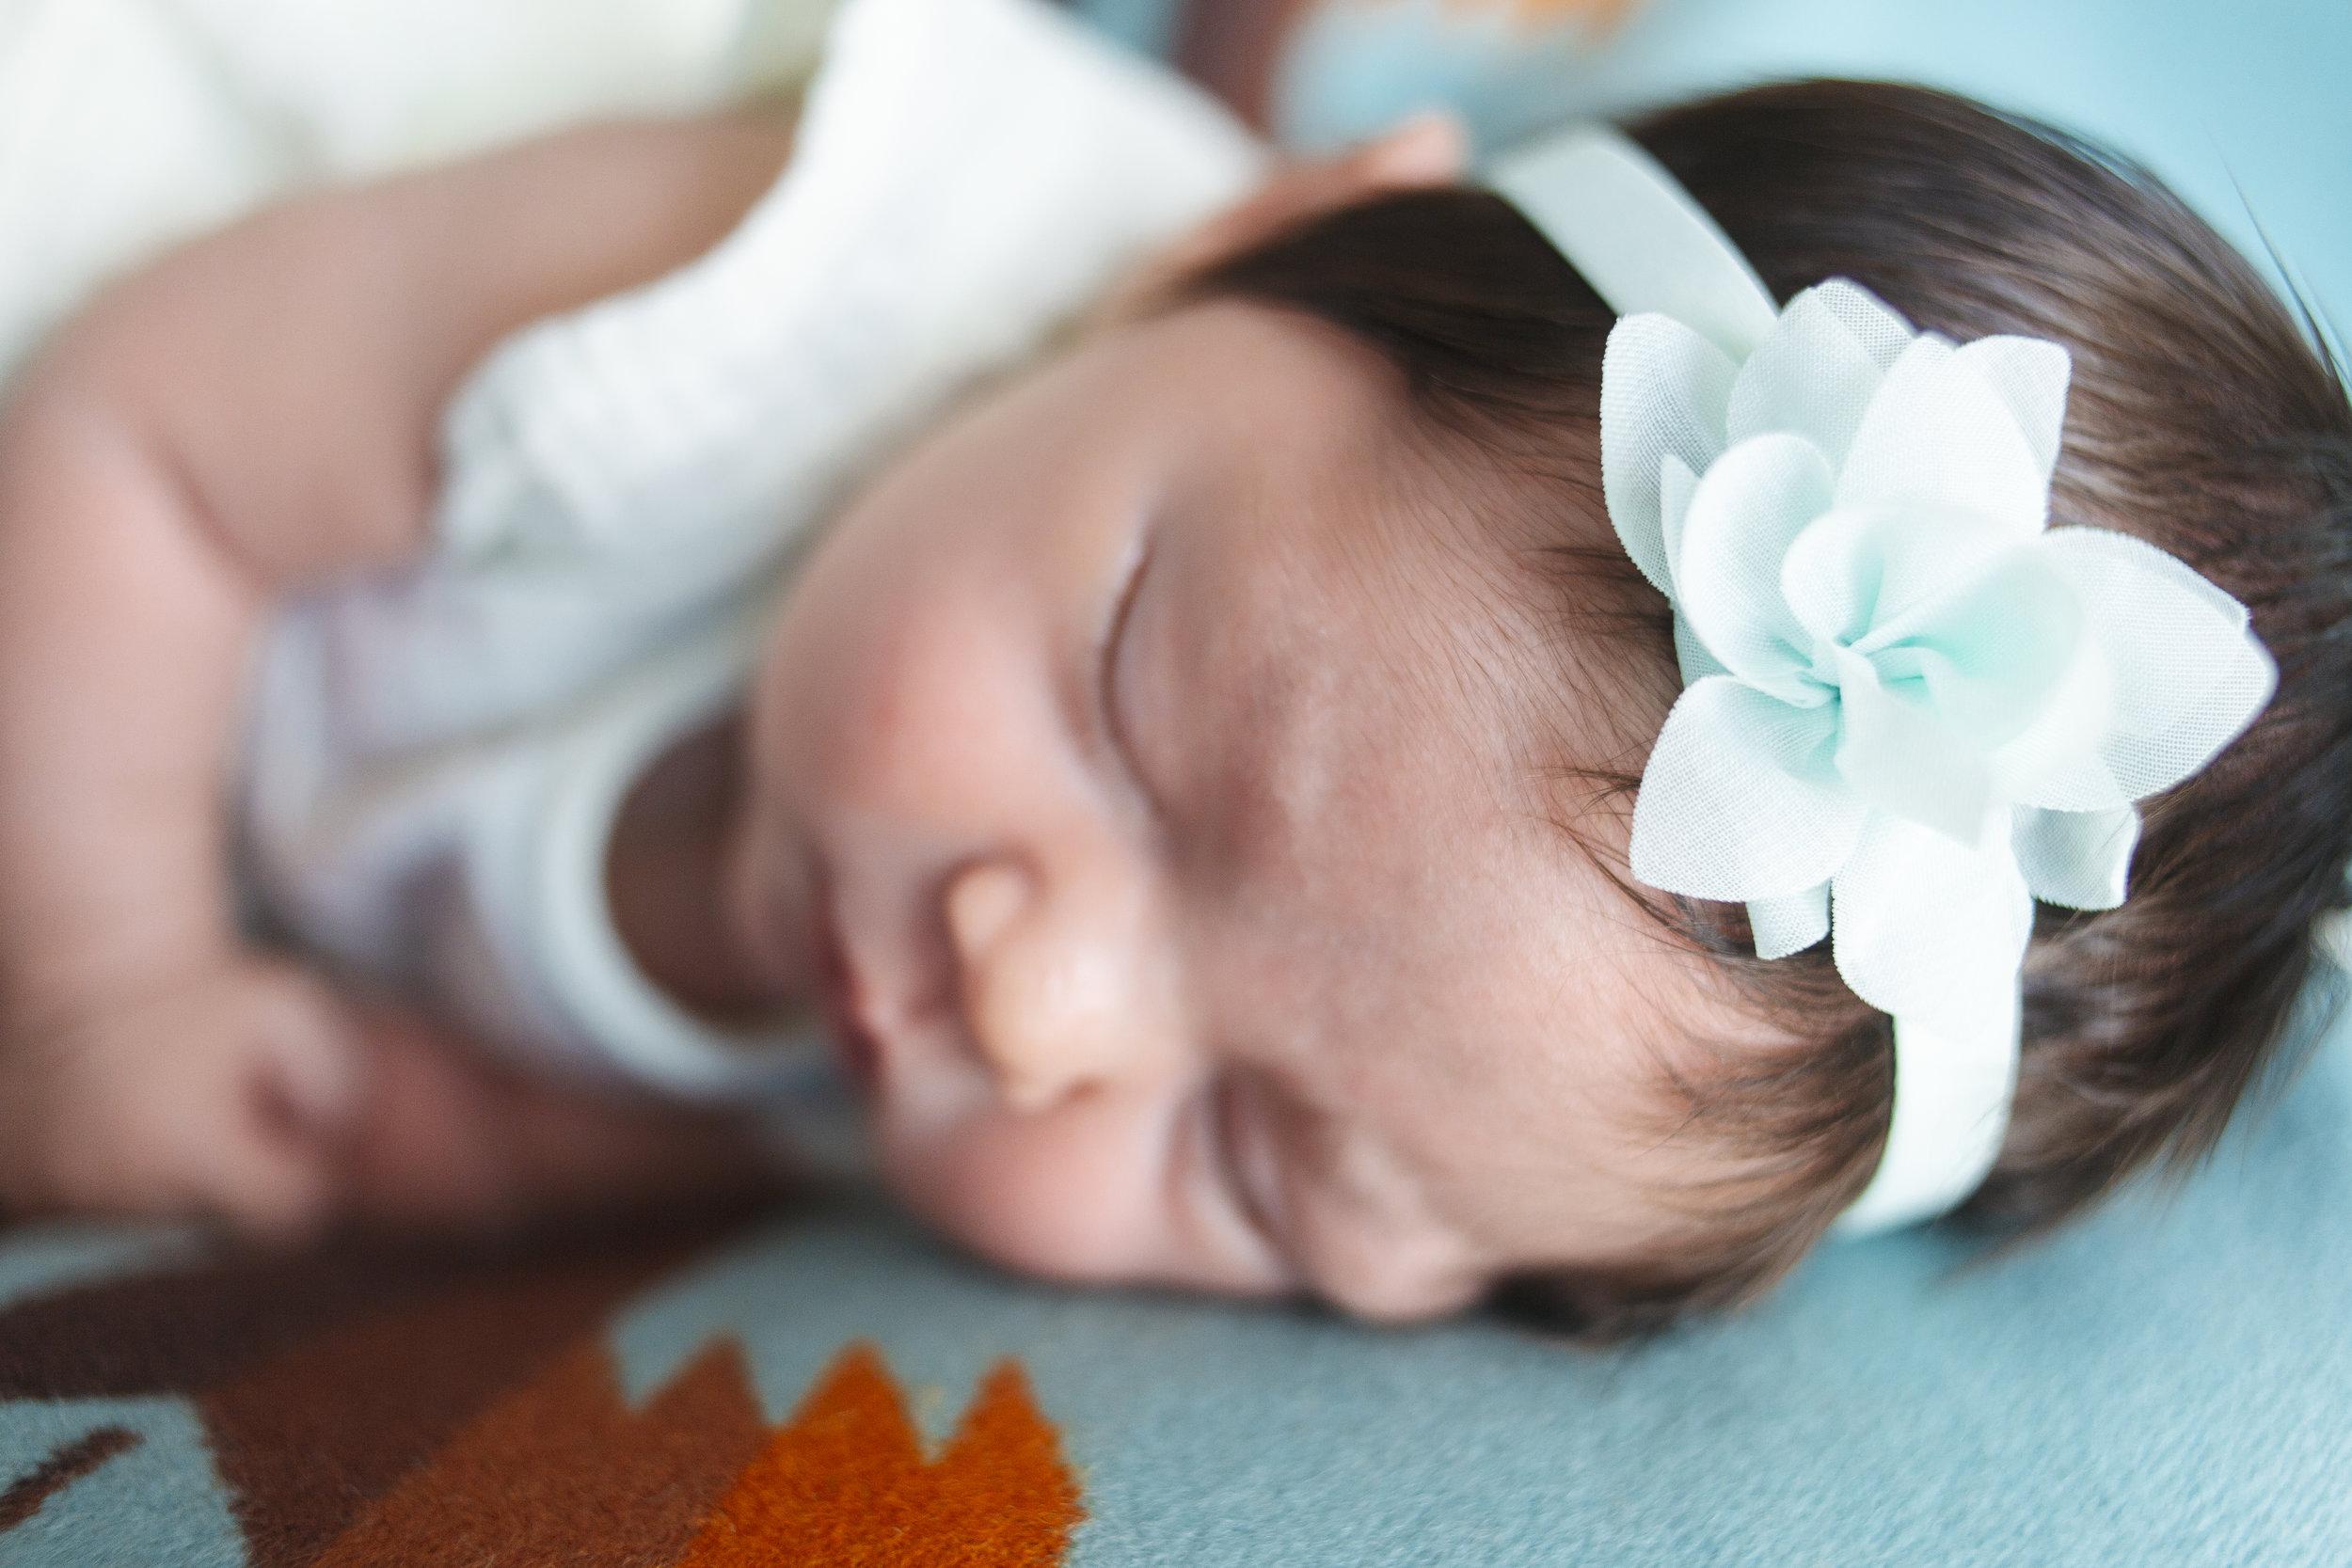 Newborn Photoshoot